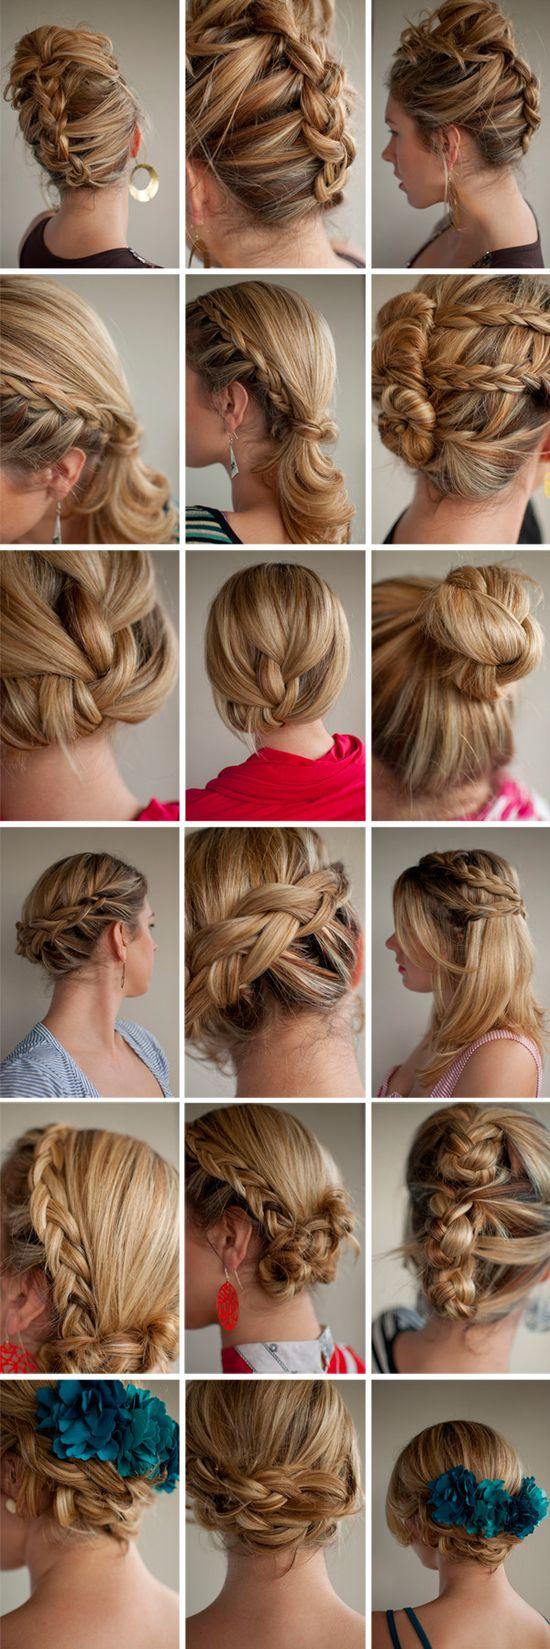 Hair Romance - braids braids braids